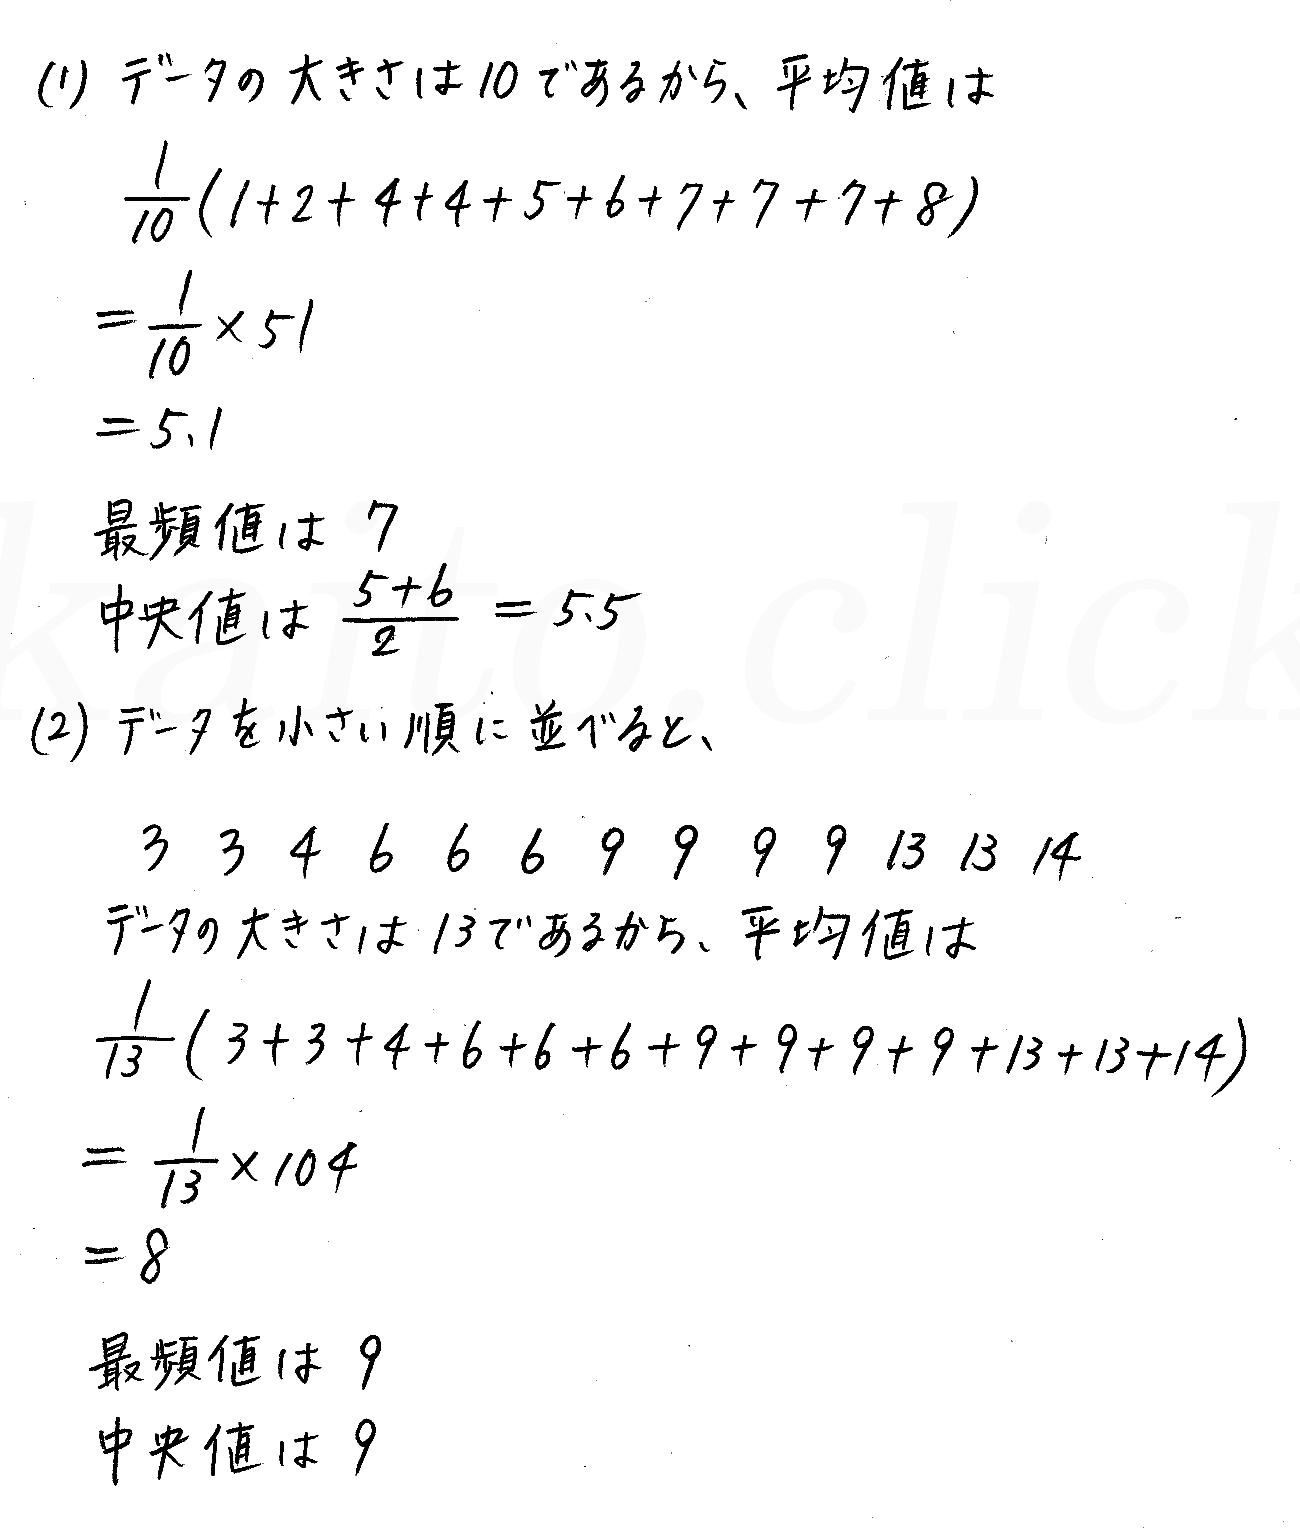 クリアー数学1-338解答